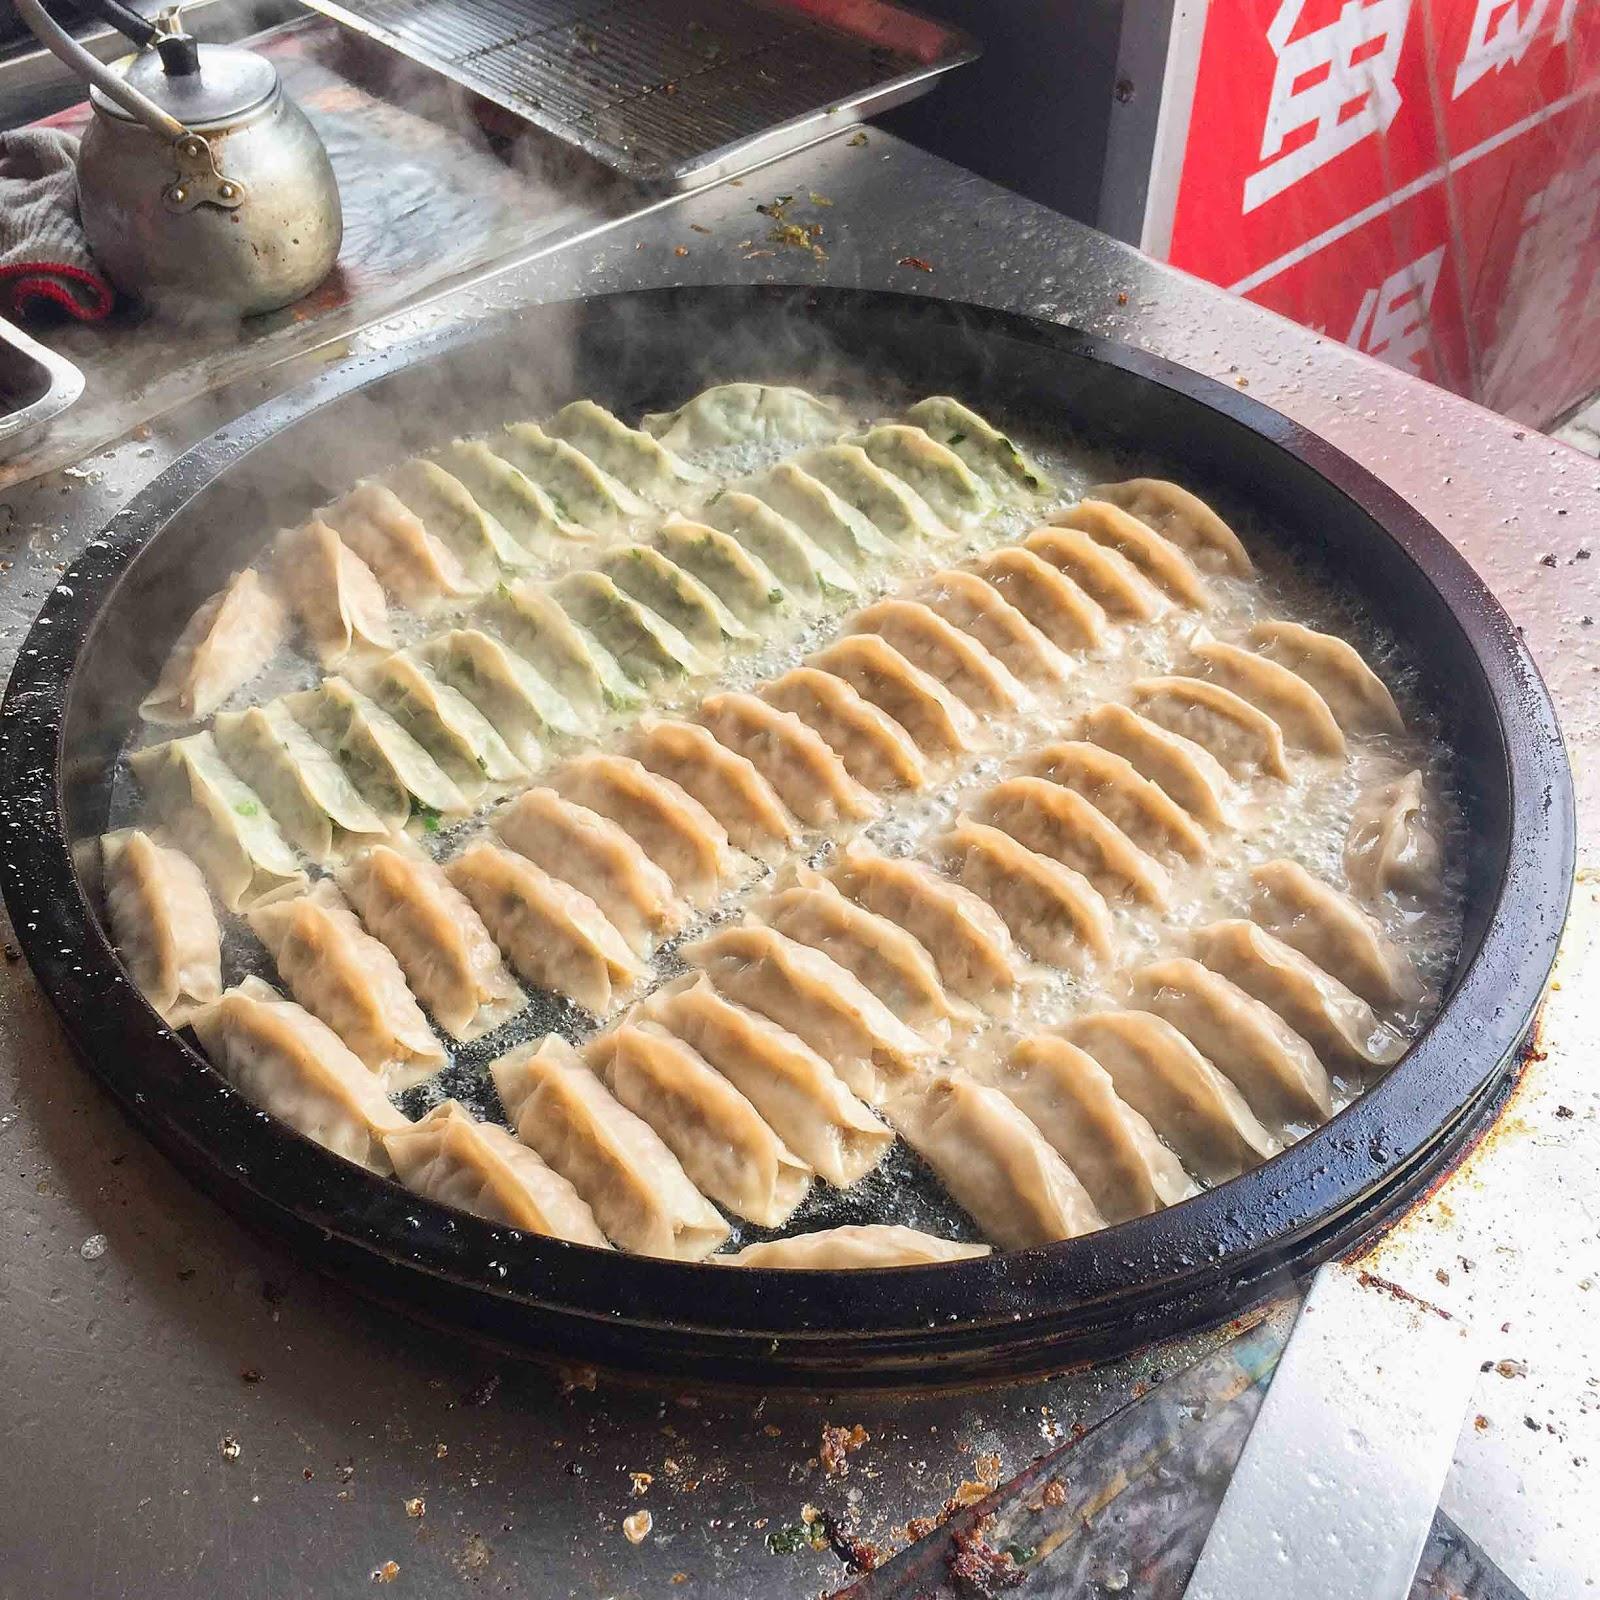 【台南】南區 ★ 金鍋貼 - 40年老店,飽滿多汁的鍋貼,尖峰時段必排隊